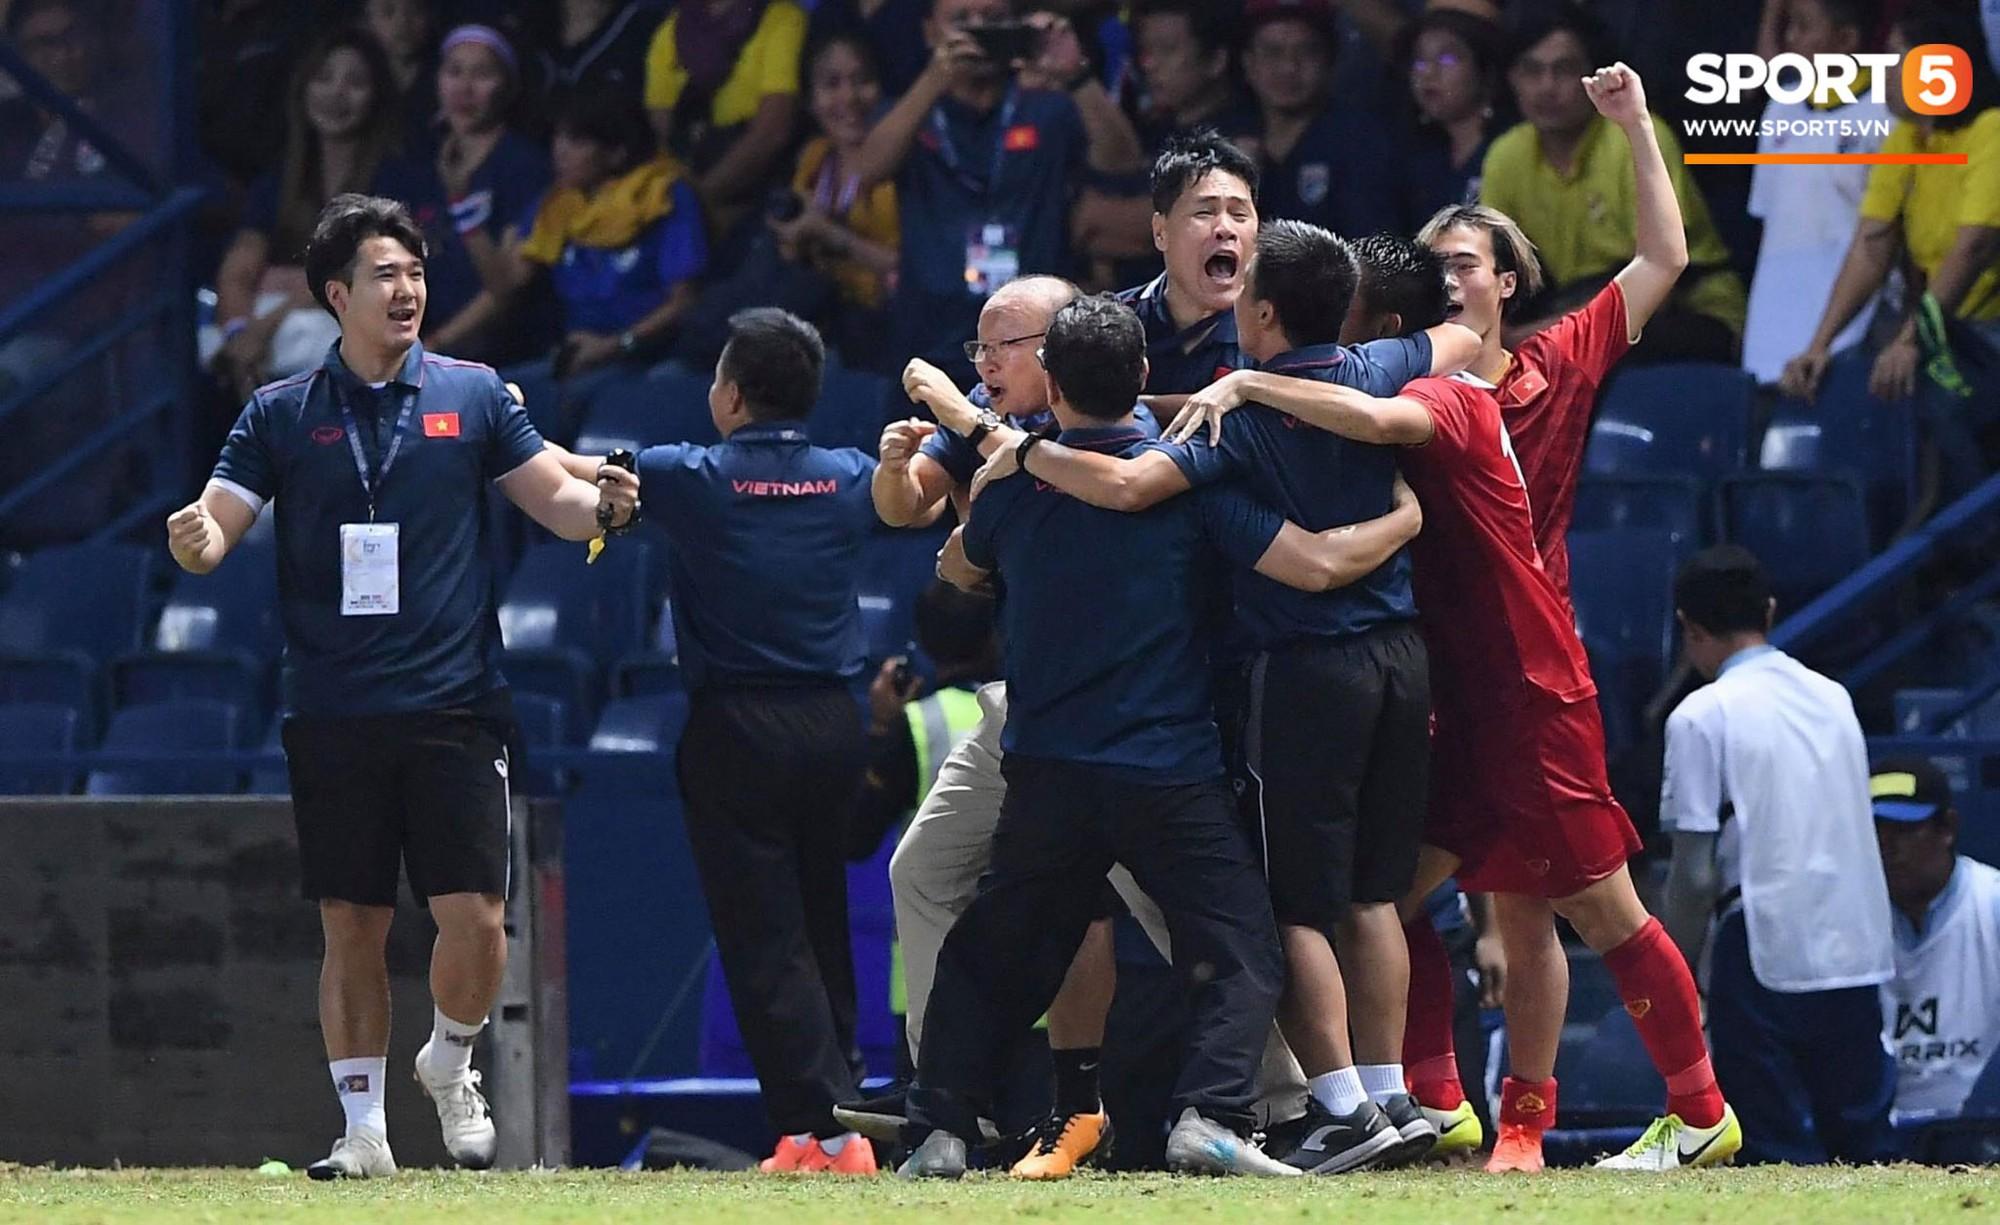 Anh Đức gục ngã đau đớn sau pha ghi bàn vào lưới Thái Lan, nhưng vẫn kịp nở nụ cười mãn nguyện khiến fan tan chảy - Ảnh 5.